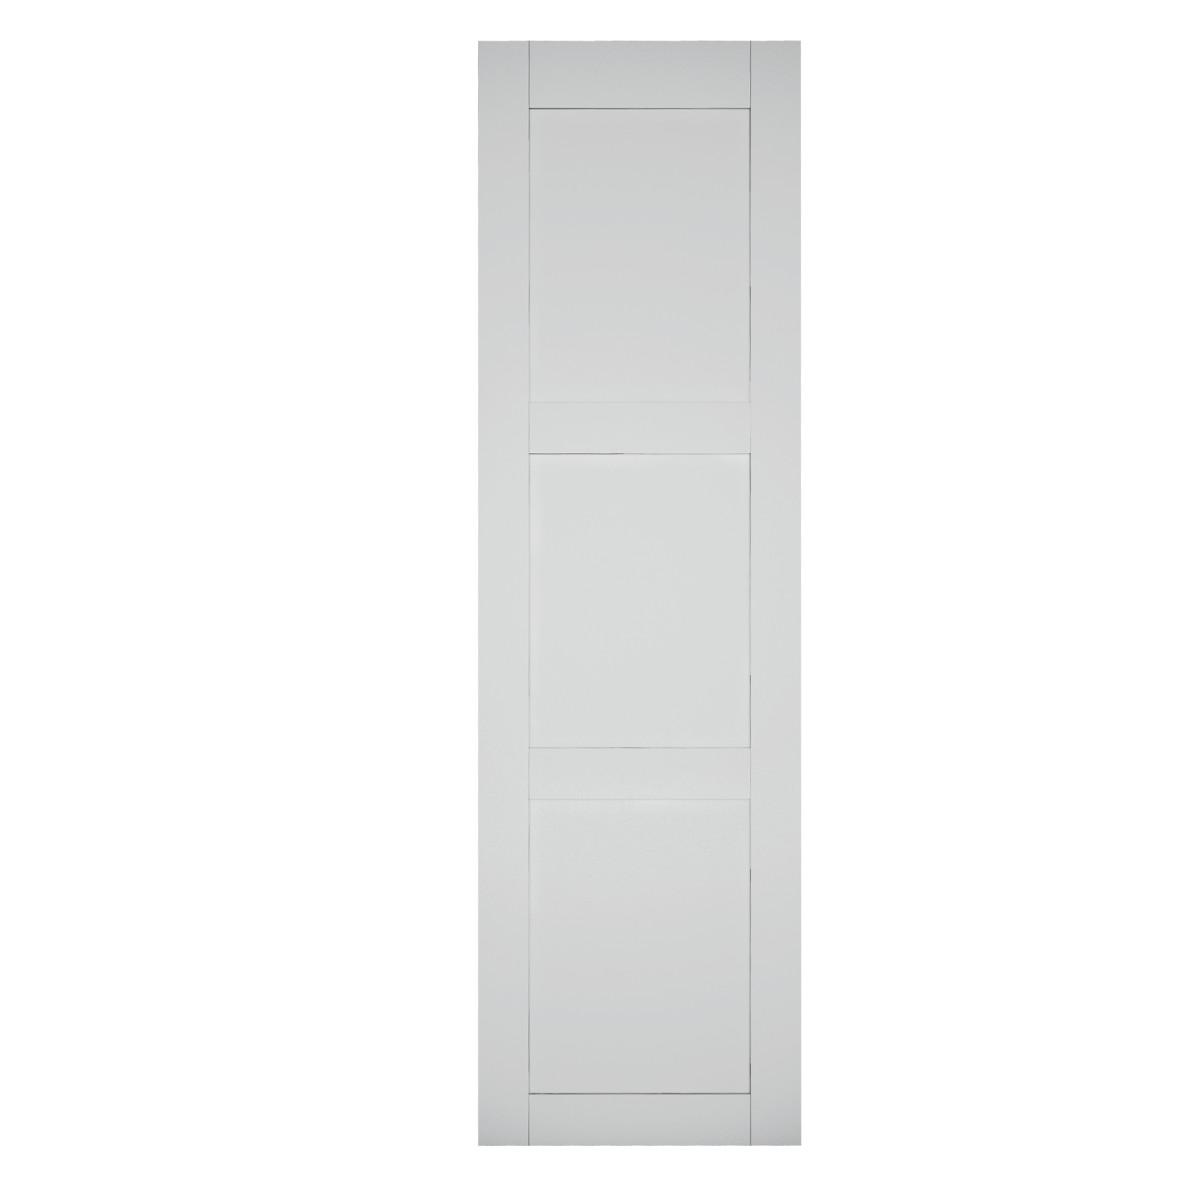 Дверь-купе Лорьян 2455х704 мм цвет белая эмаль